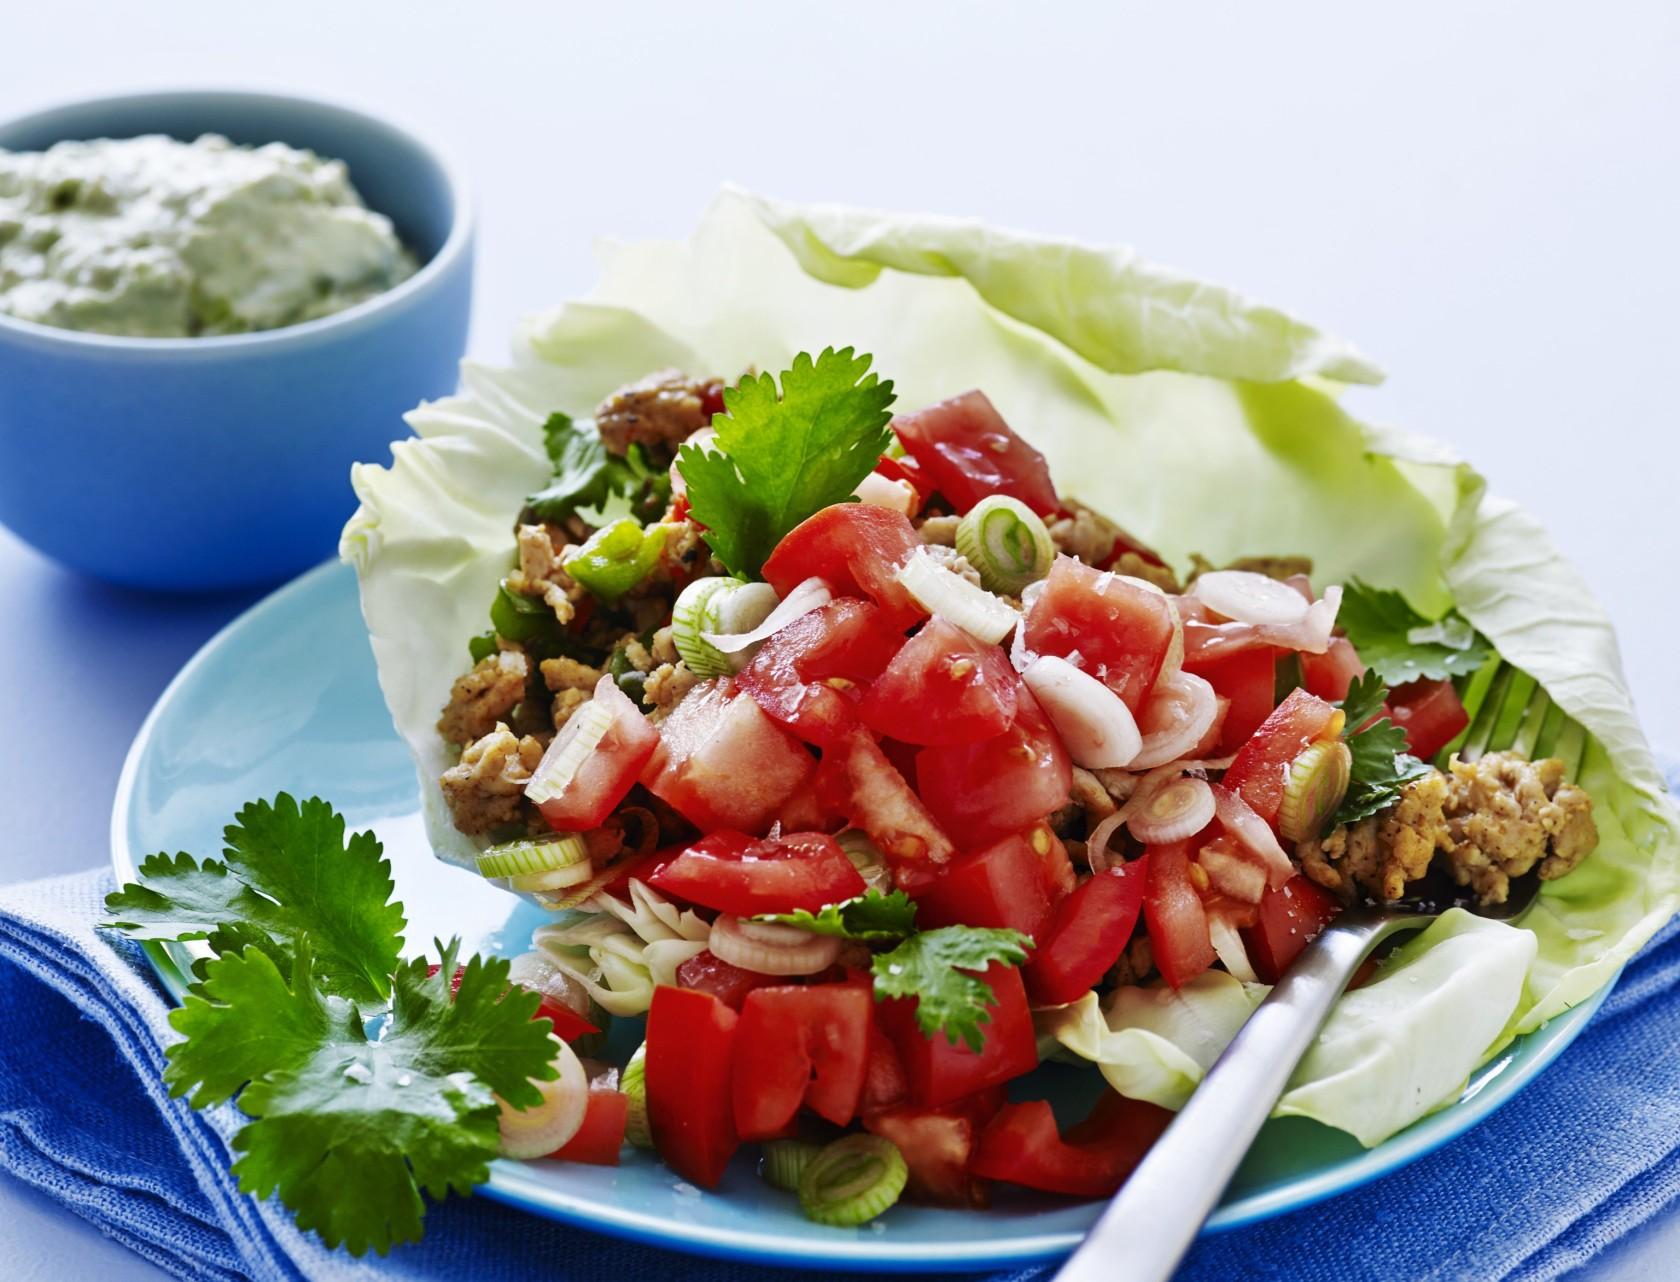 Tacos af spidskål med kylling og avocadodressing er et sundere alternativ til de traditionelle tacos.